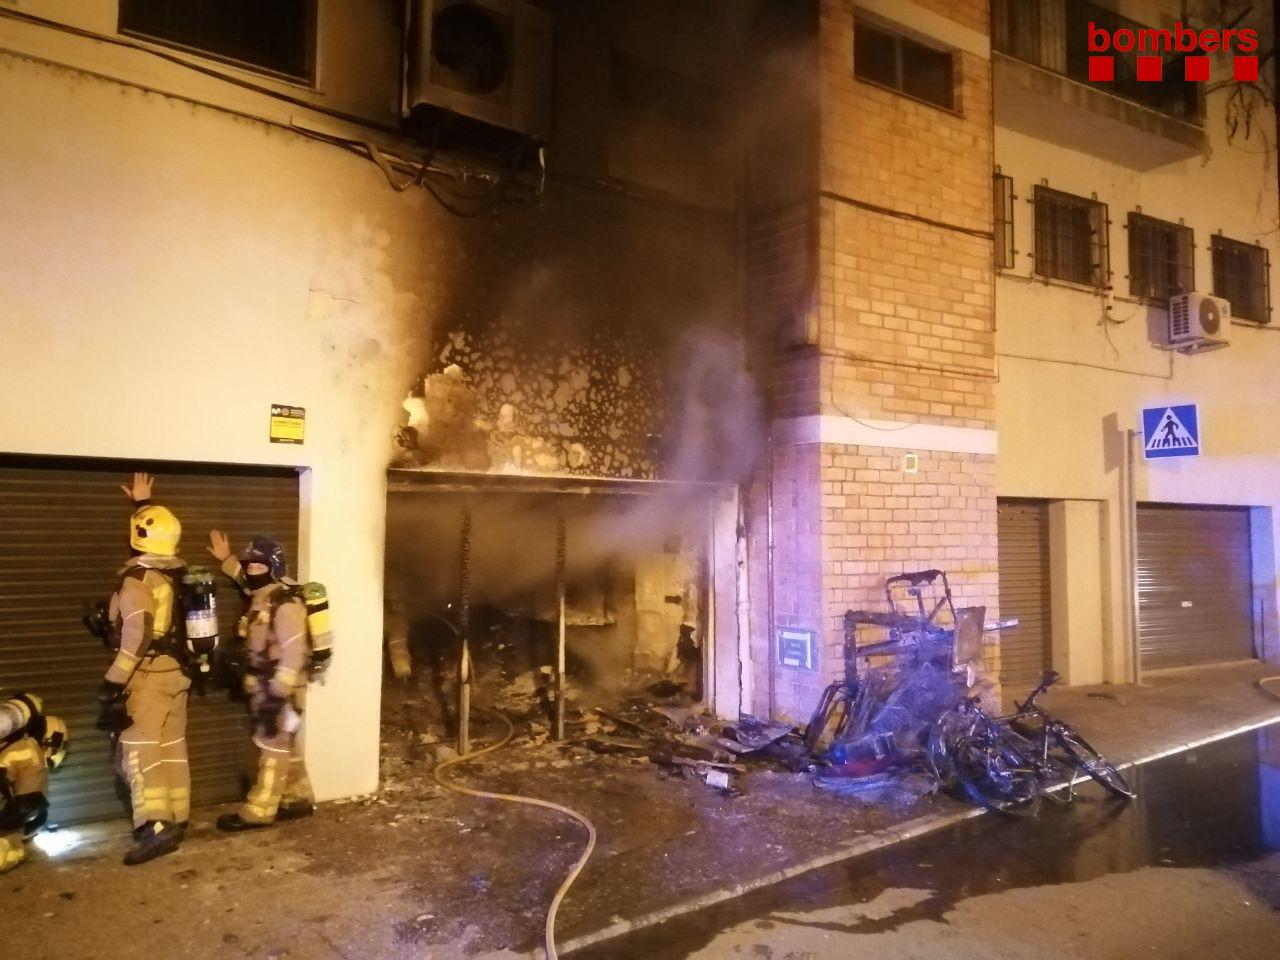 Imatge de l'incendi que va causar un ferit greu a la plaça Germans Sàbat de Girona